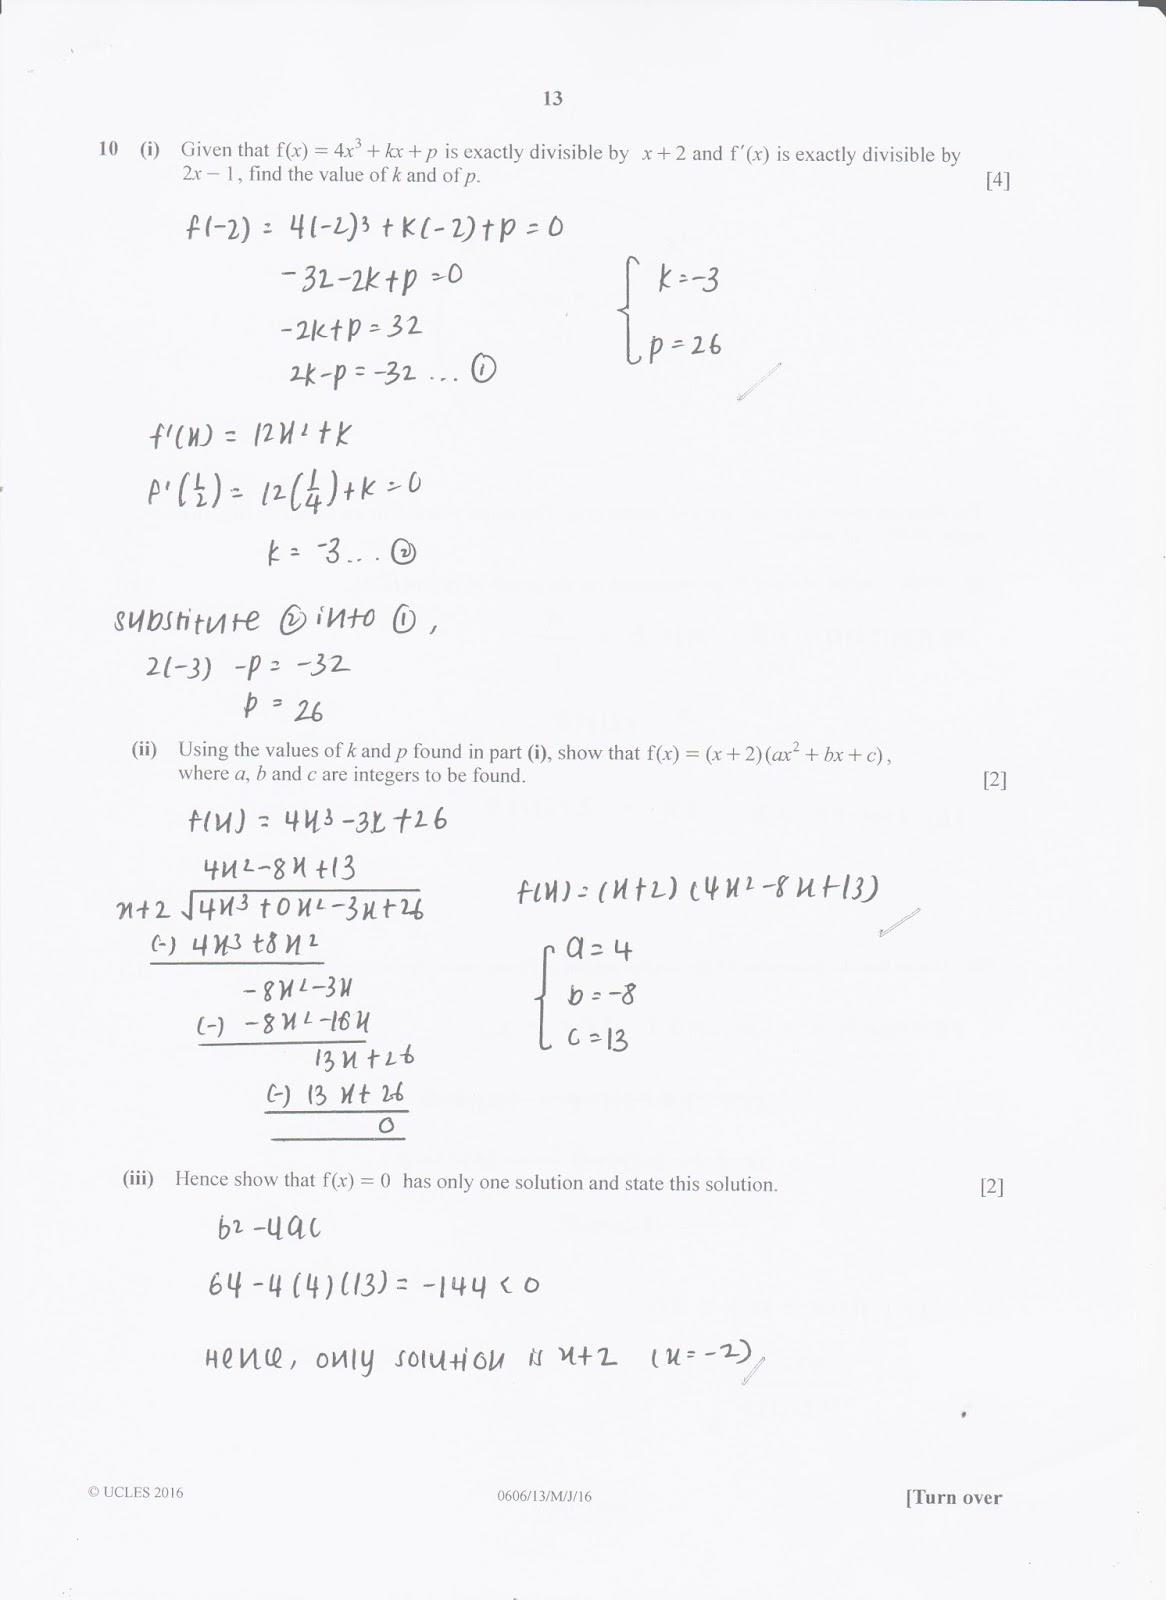 IGCSE Add Maths Working Answers [0606/13] Paper 1 2016